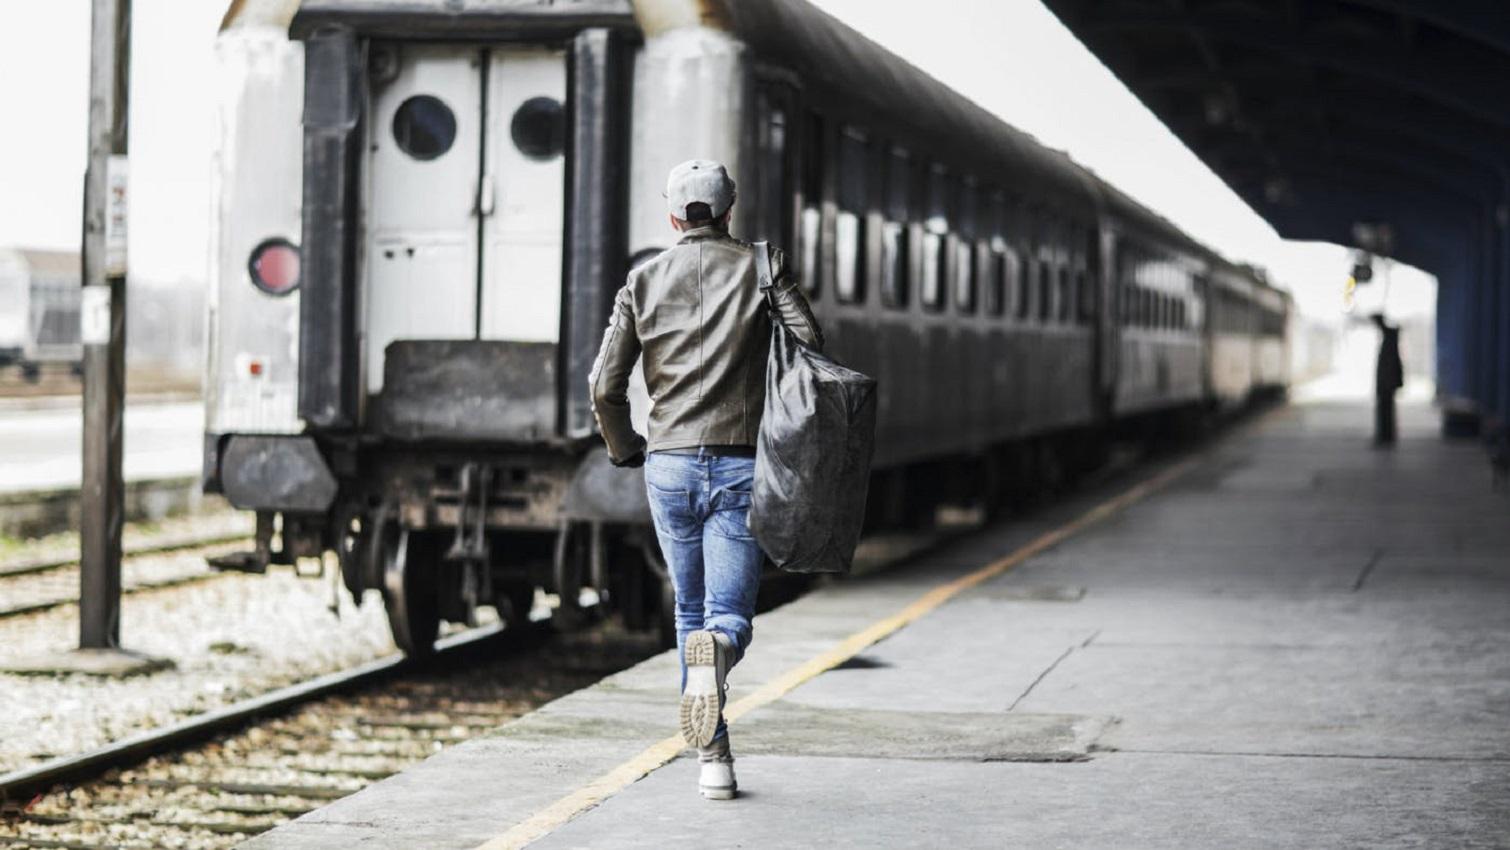 Pessoas que chegam atrasadas, têm vidas mais longas e bem-sucedidas